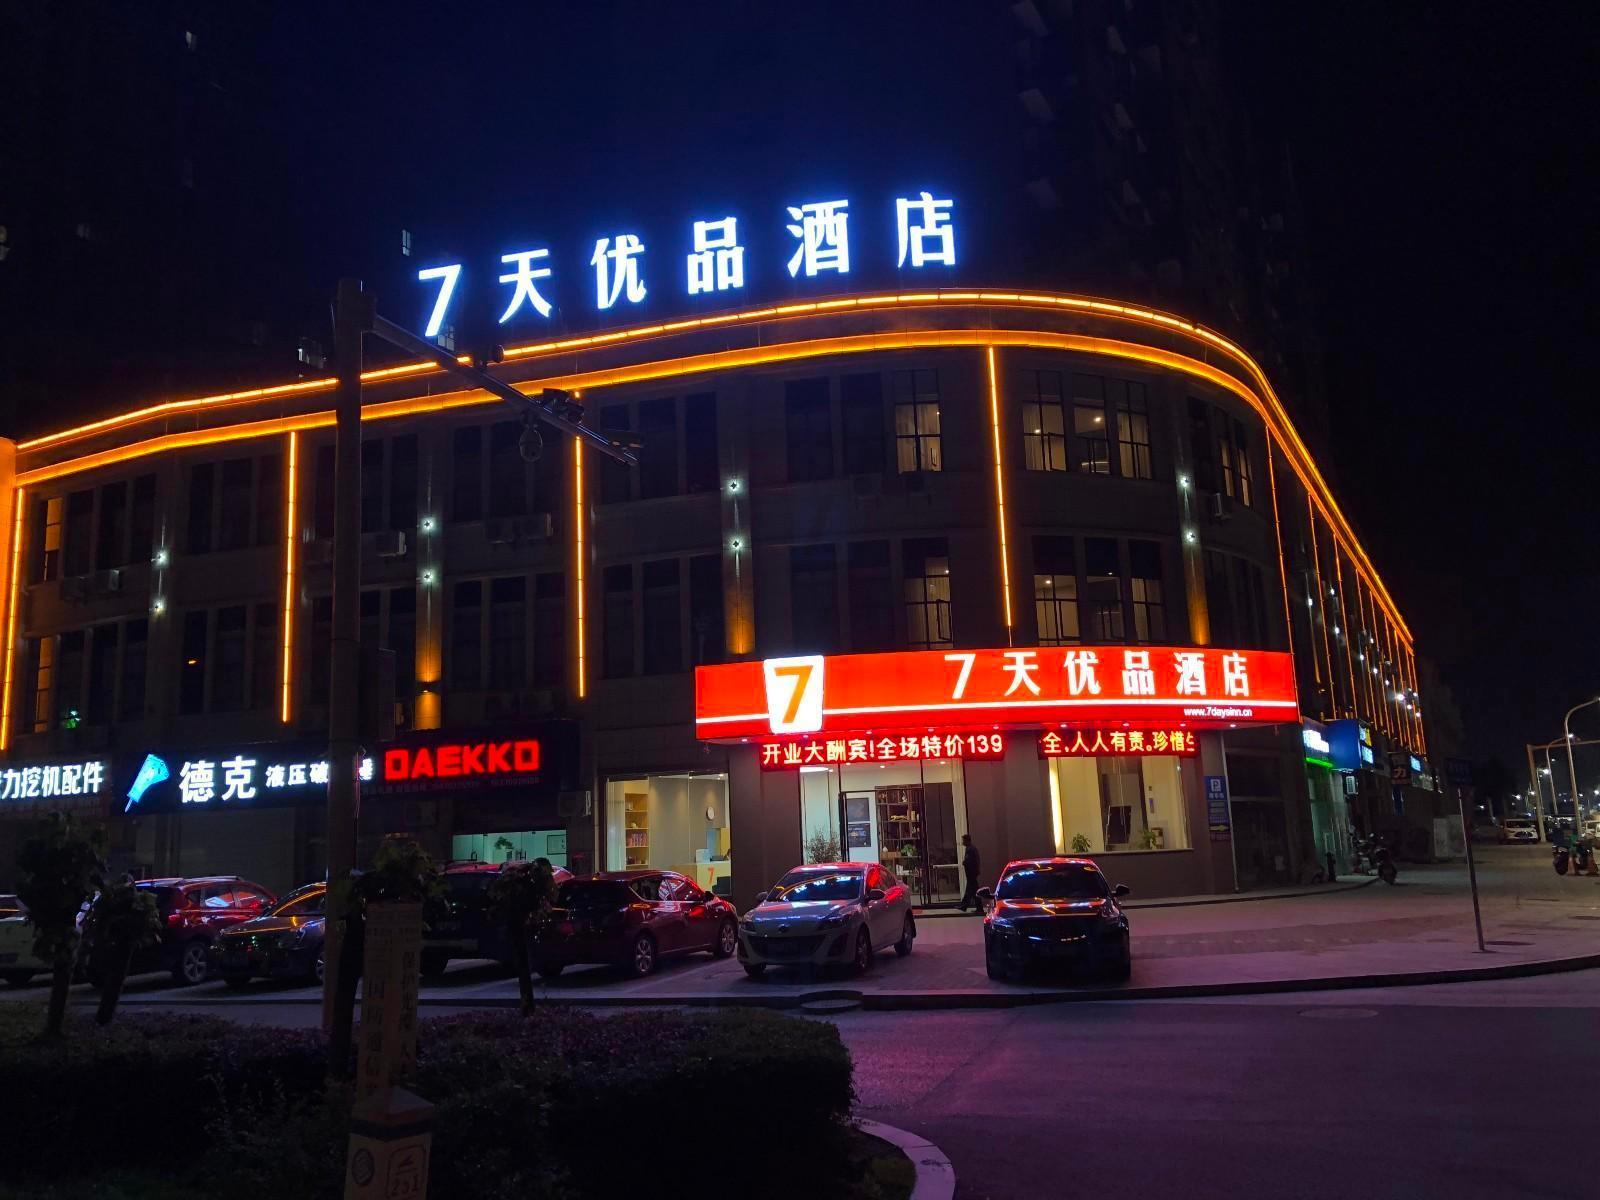 7 Days Premium�Nanchang Liantang Yingbin Avenue Xiaolan Industrial Park